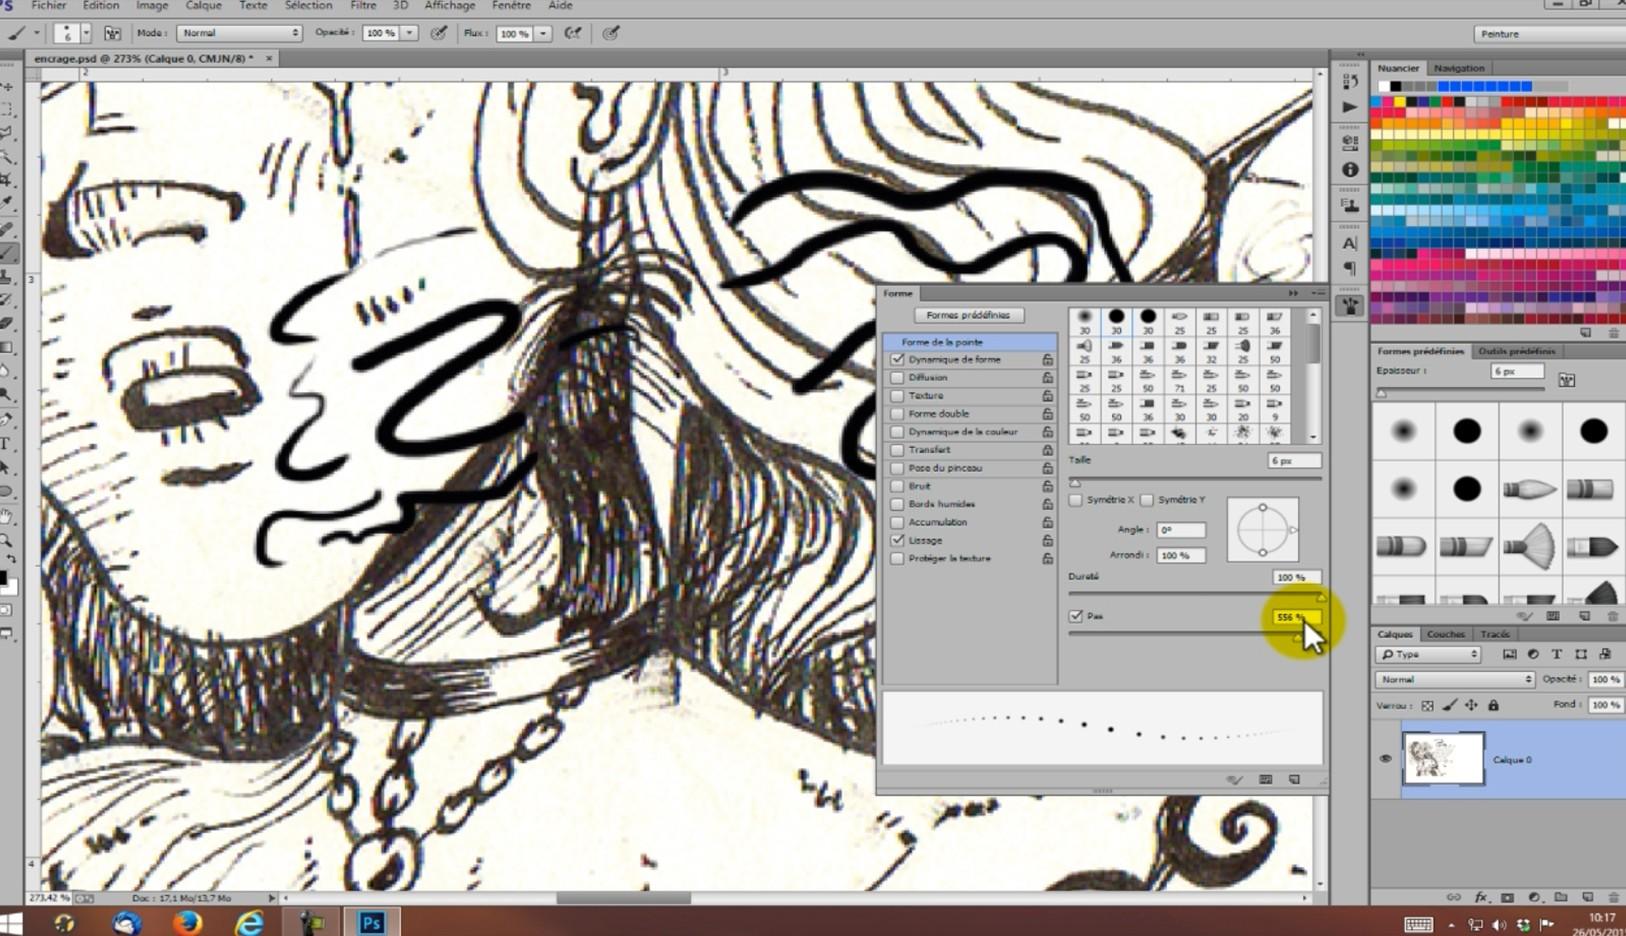 PSD_06_FR-2 - scribd.com